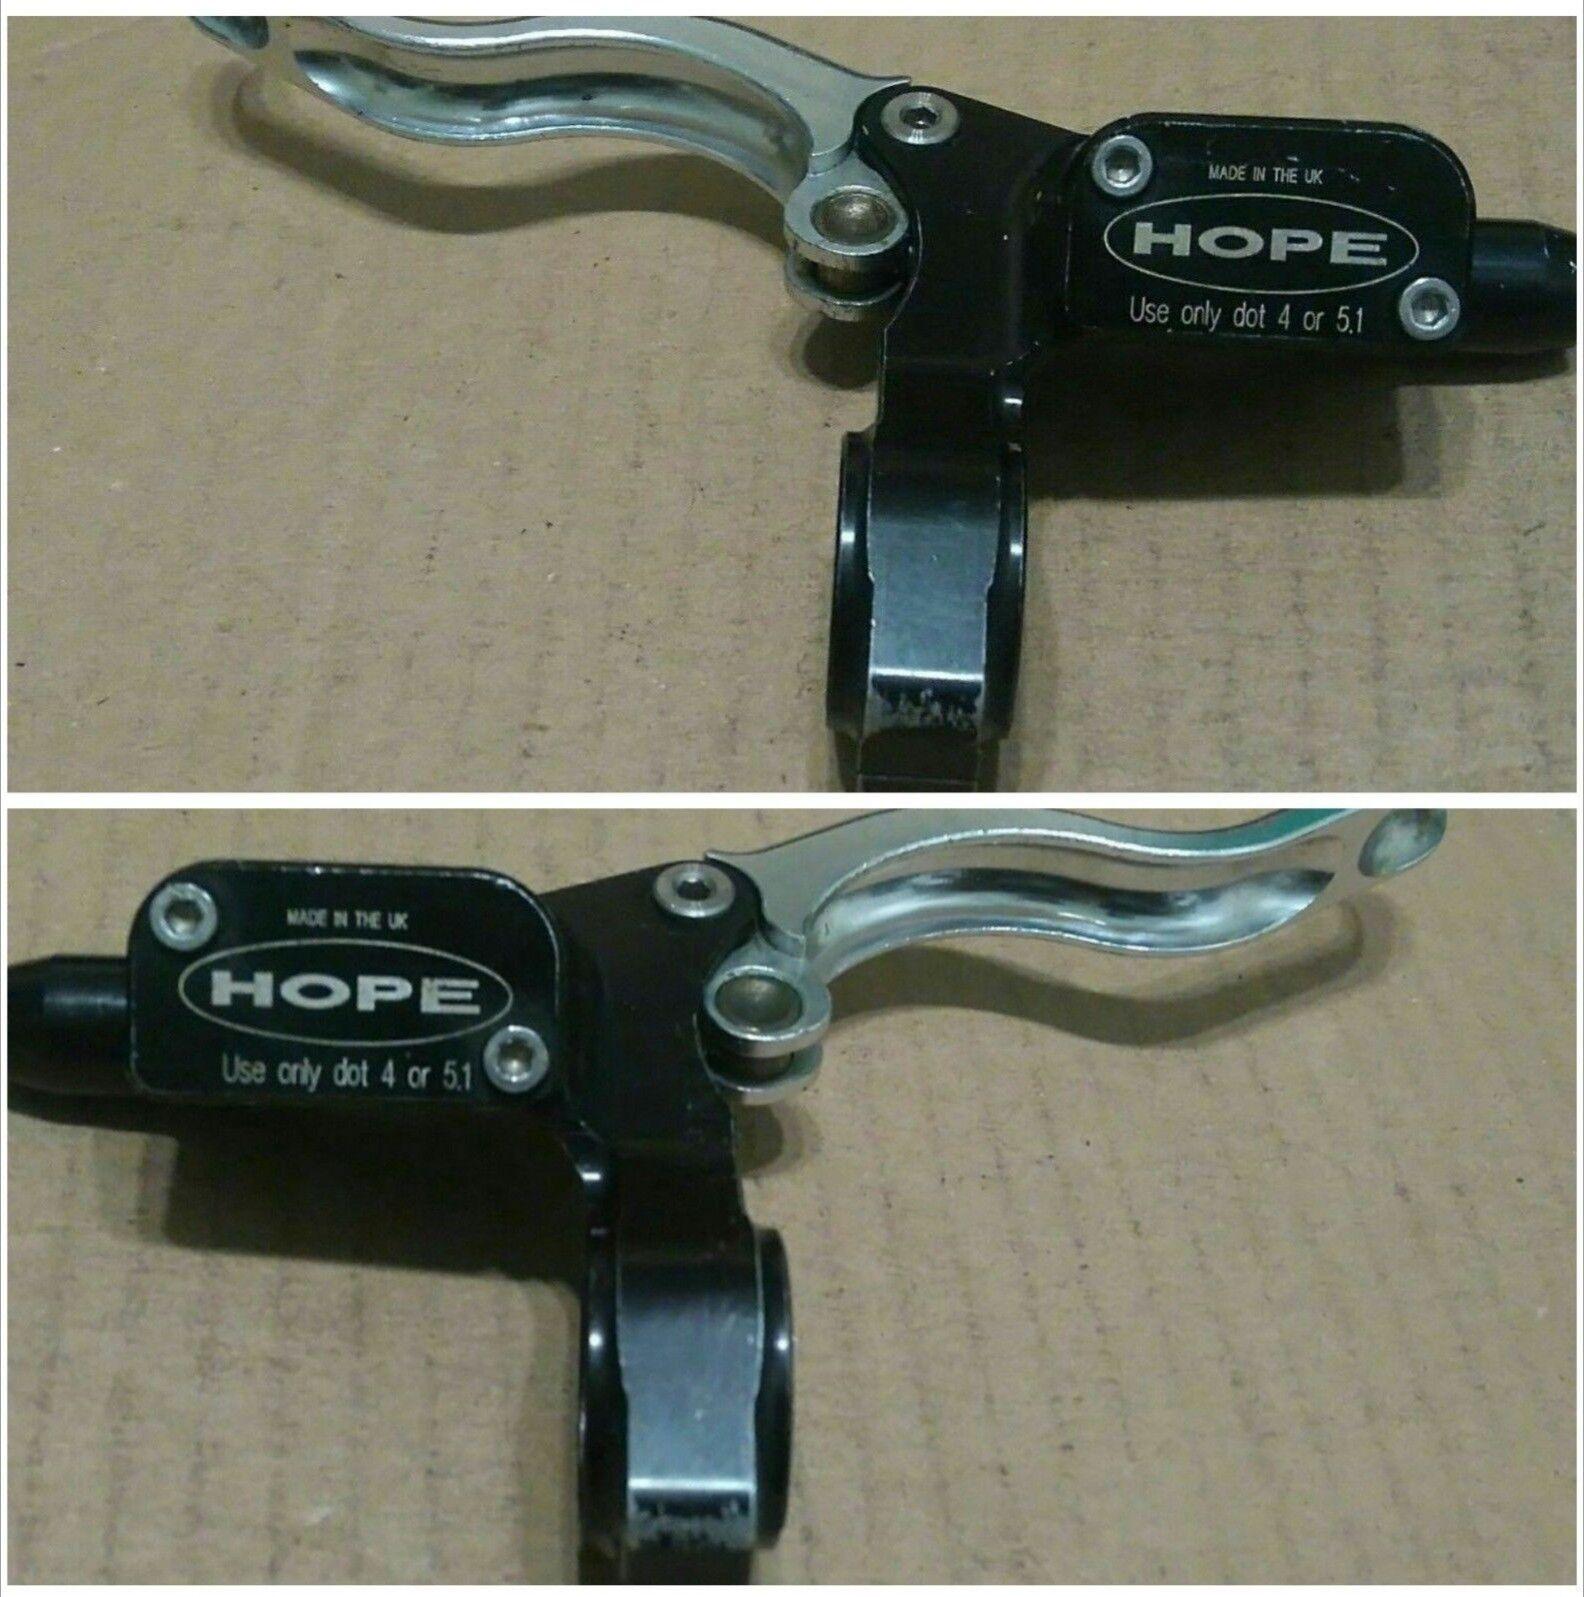 Hope mono mini L&R H hydraulic disc brake levers spare dh am fr xc mtb bike part